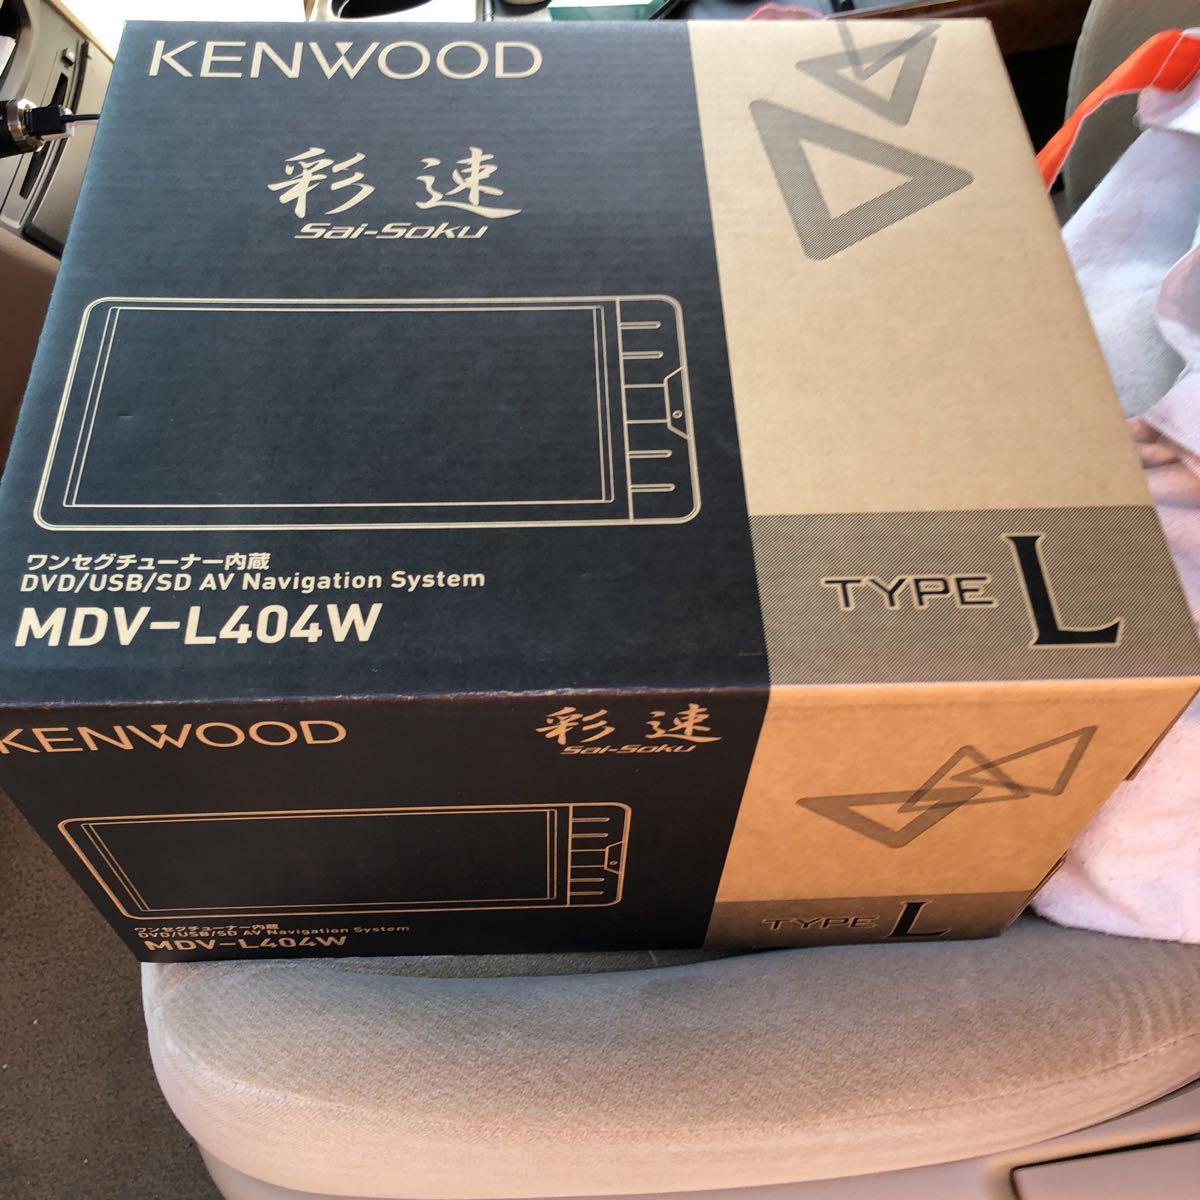 新品未使用 KENWOOD MDV-L404W ワンセグチューナー内蔵ナビ ケンウッド